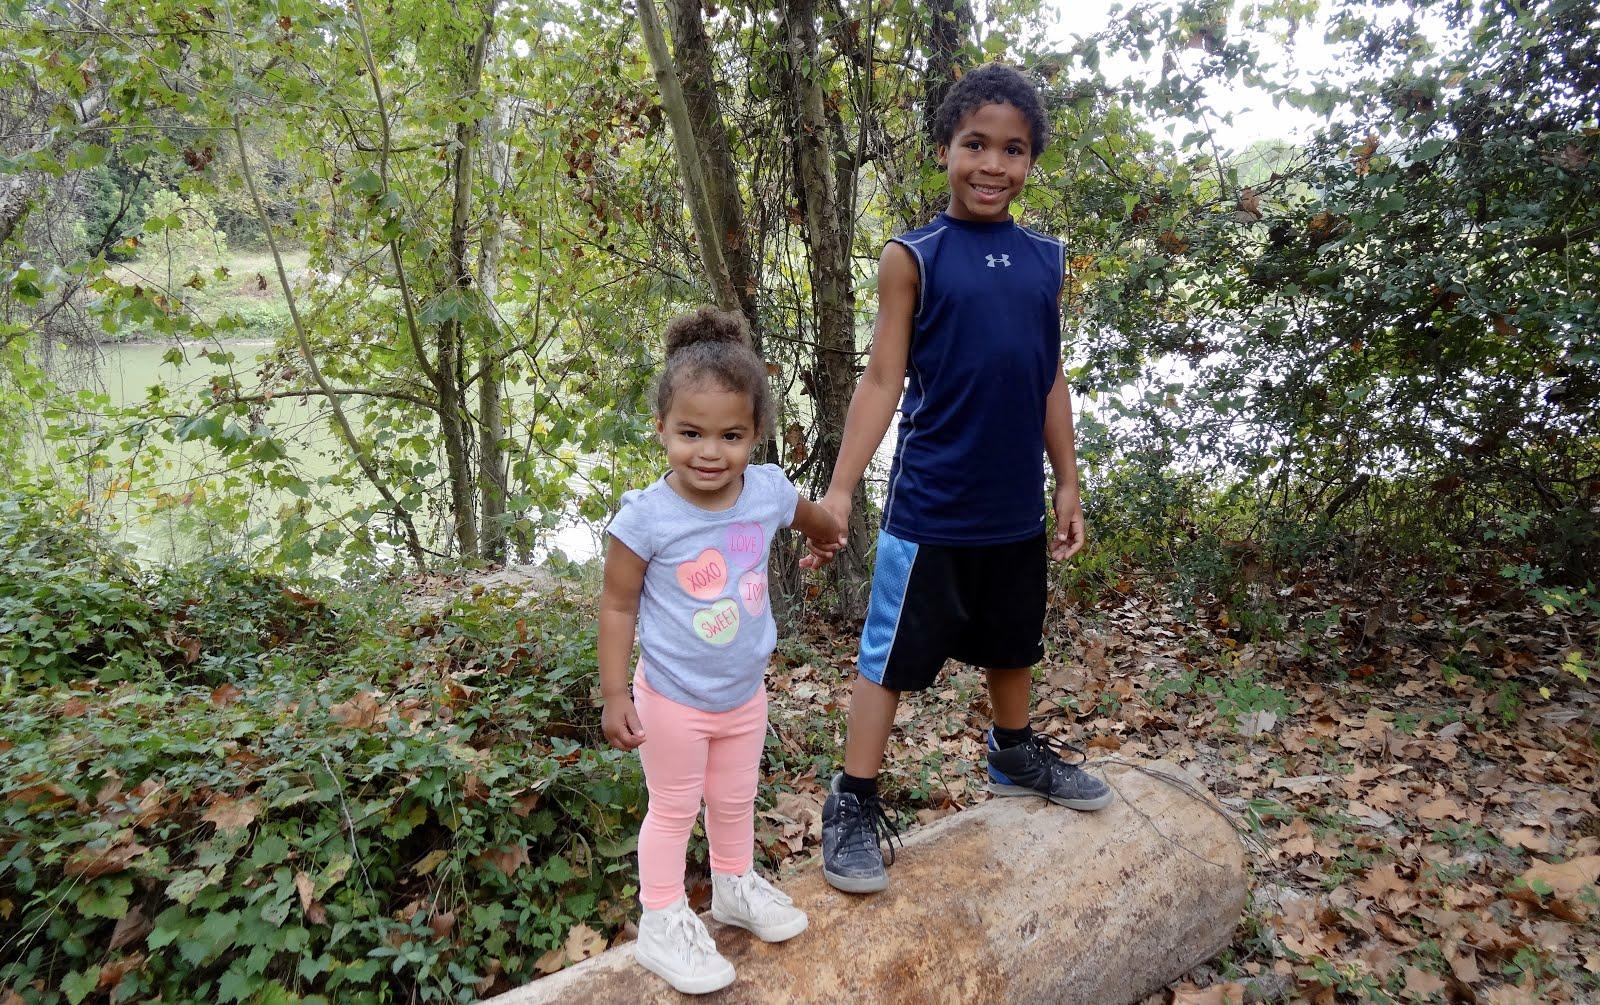 Elijah and Clara